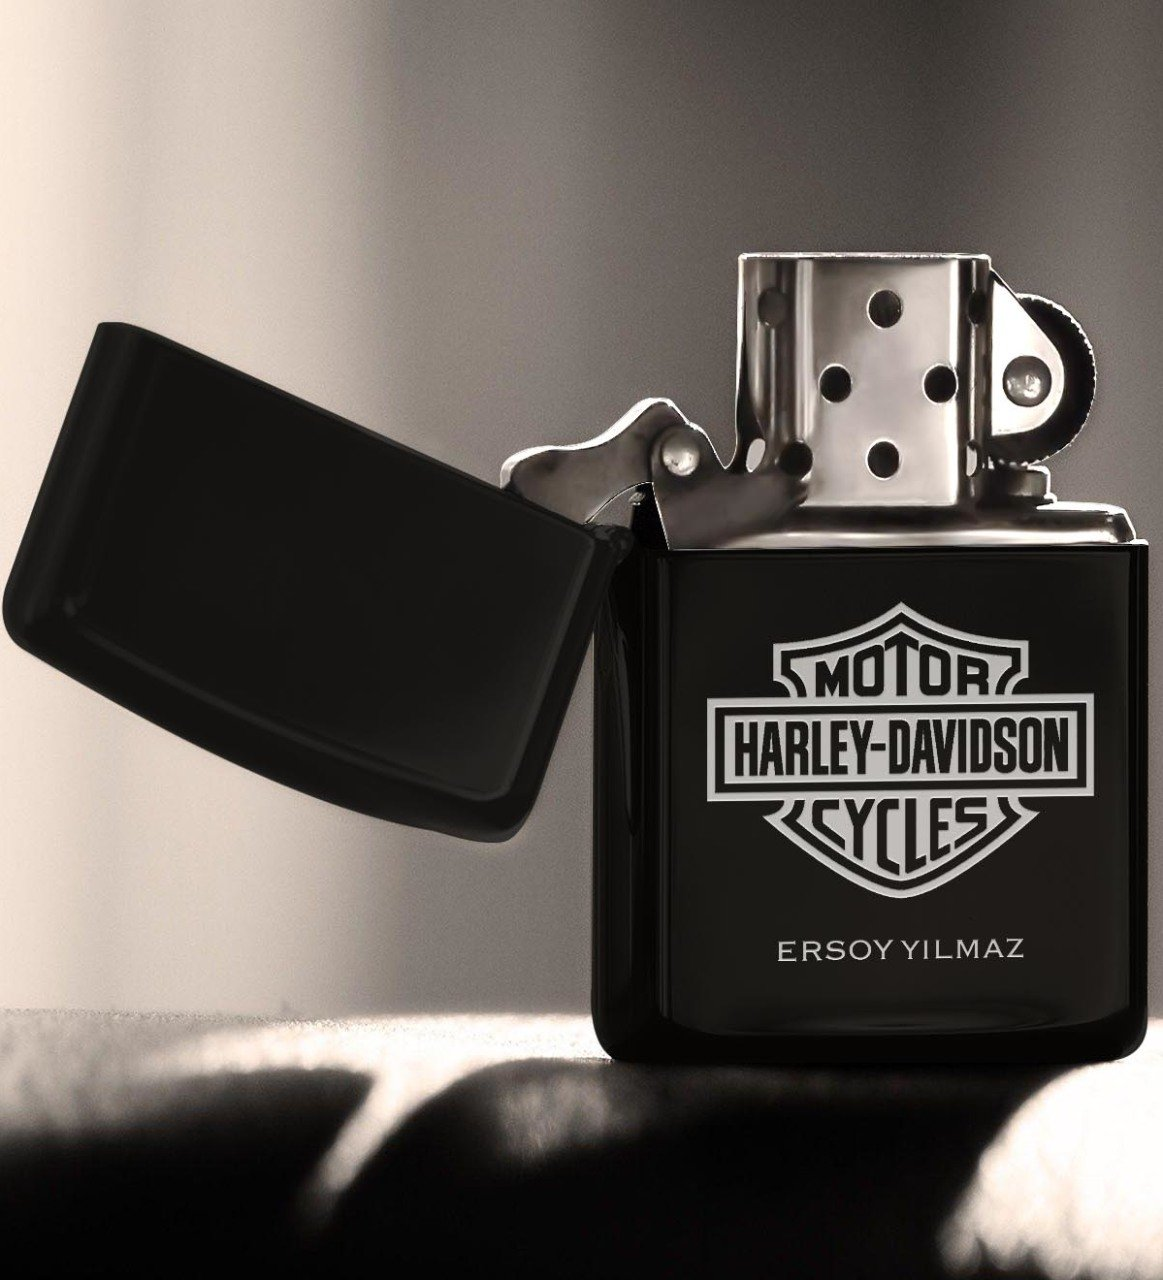 Personalized Harley Davidson Gasoline Black Metal Cigarette Lighter